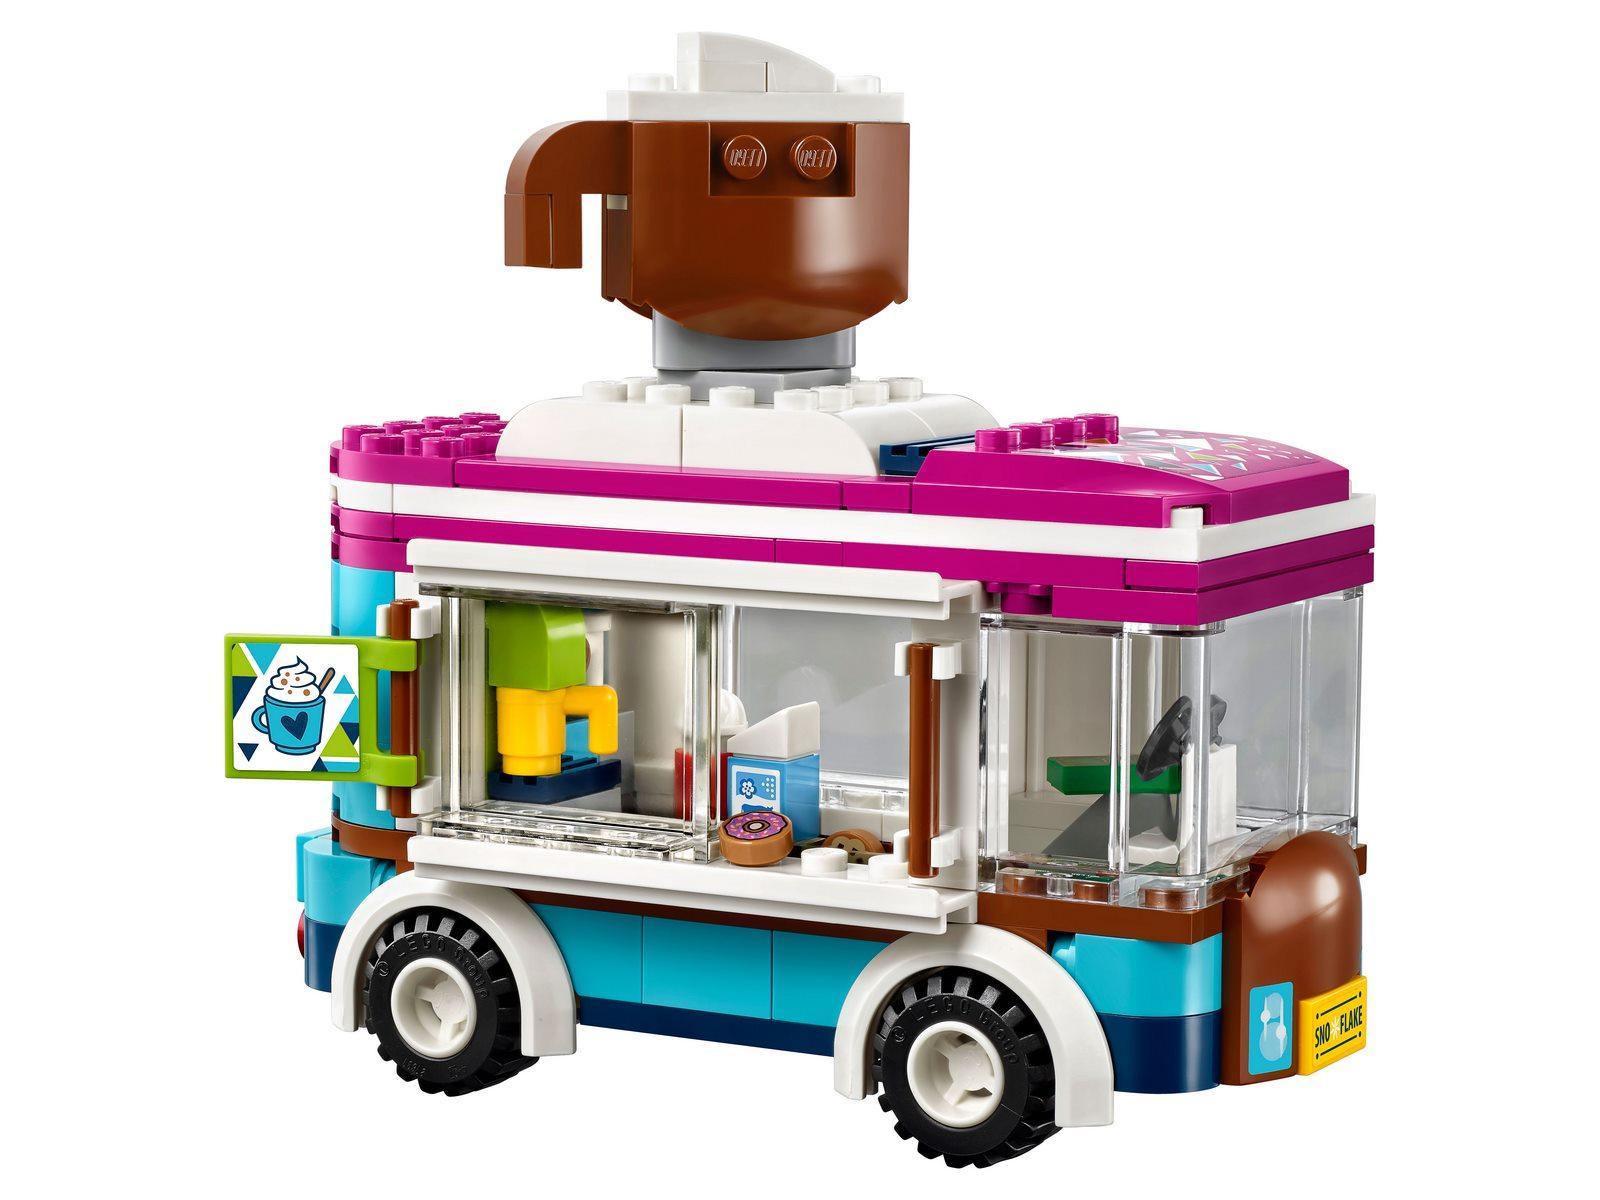 Конструктор Bl «Горнолыжный курорт: Фургончик по продаже горячего шоколада» 10729 (Friends 41319) / 254 детали